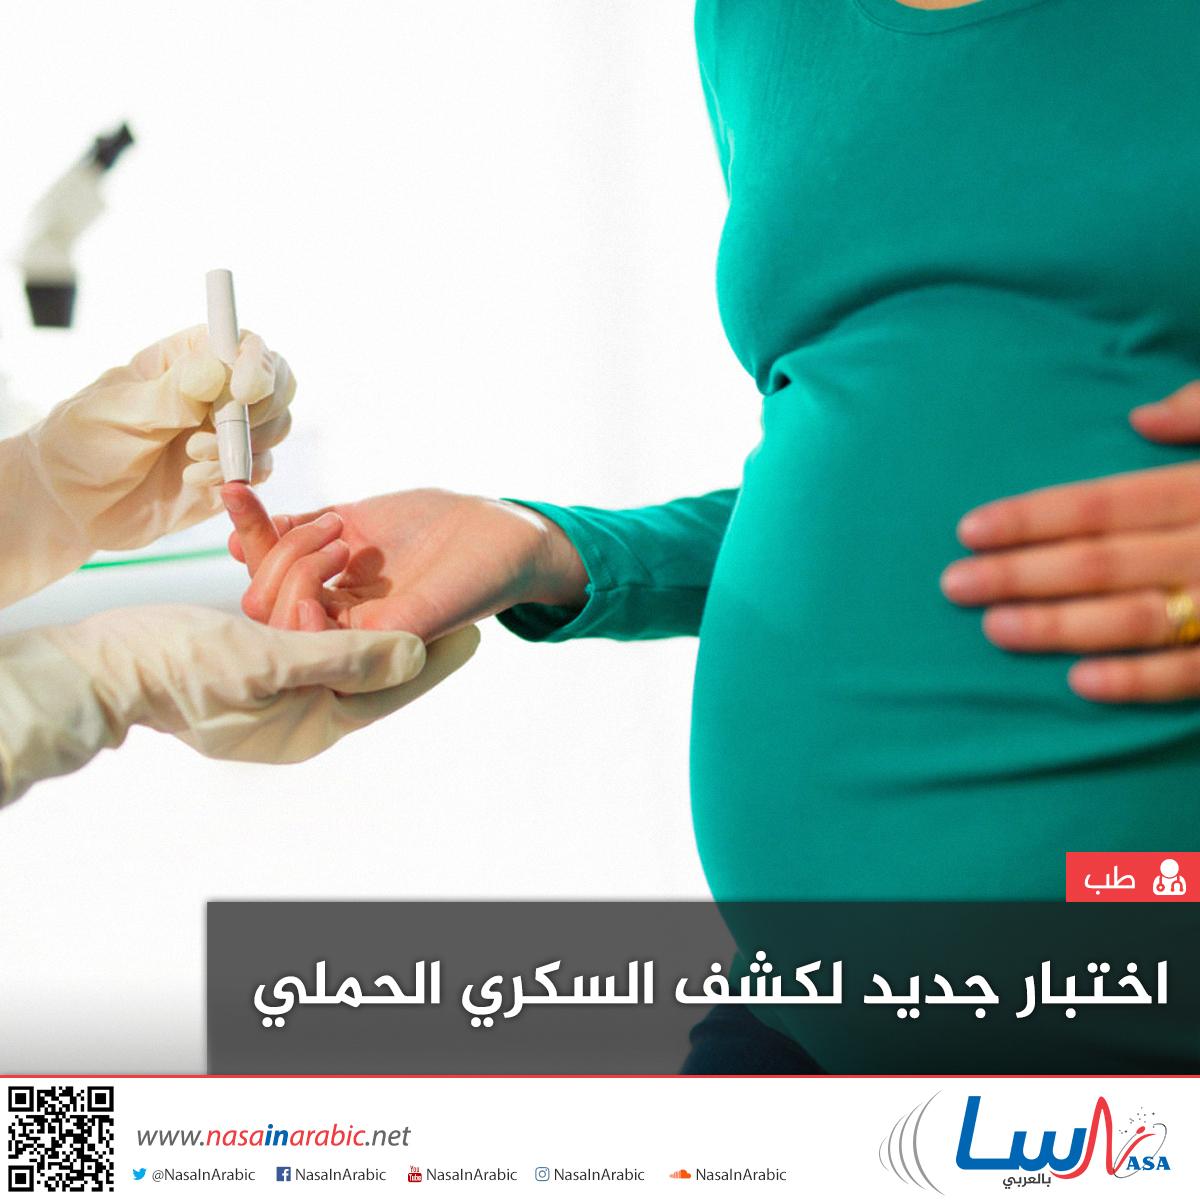 اختبار جديد لكشف السكري الحملي